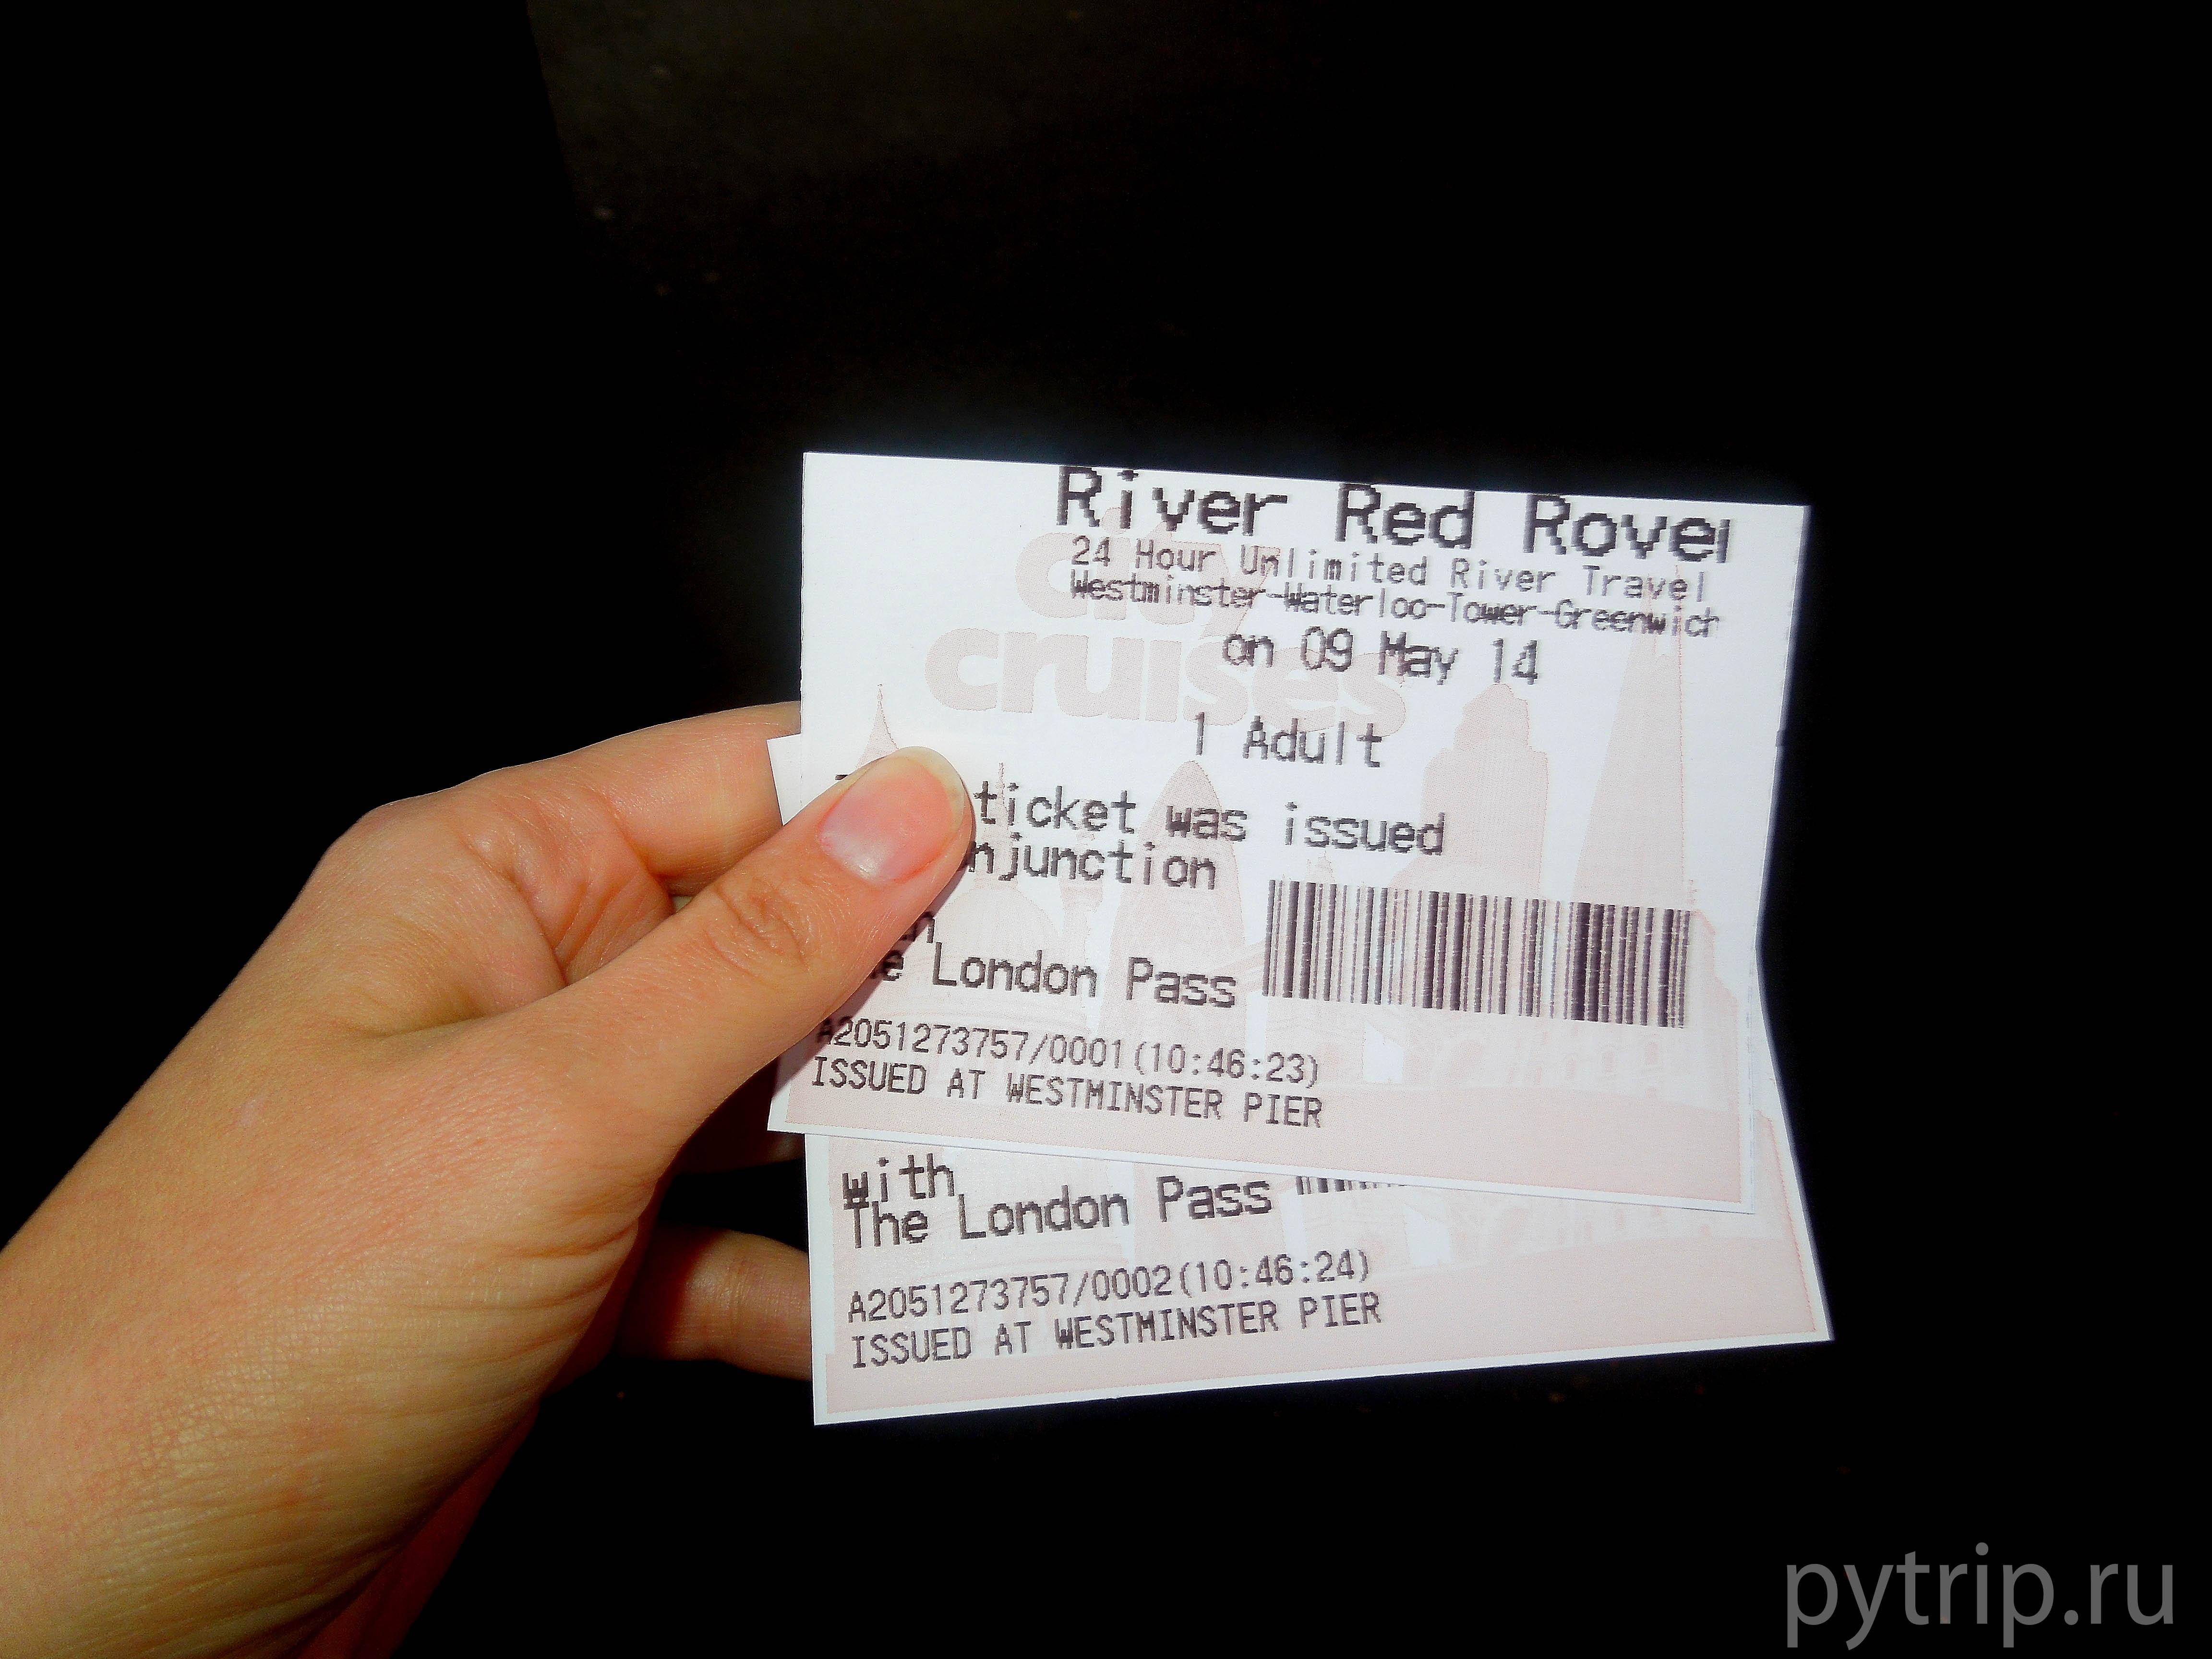 Так выглядят билеты на экскурсию